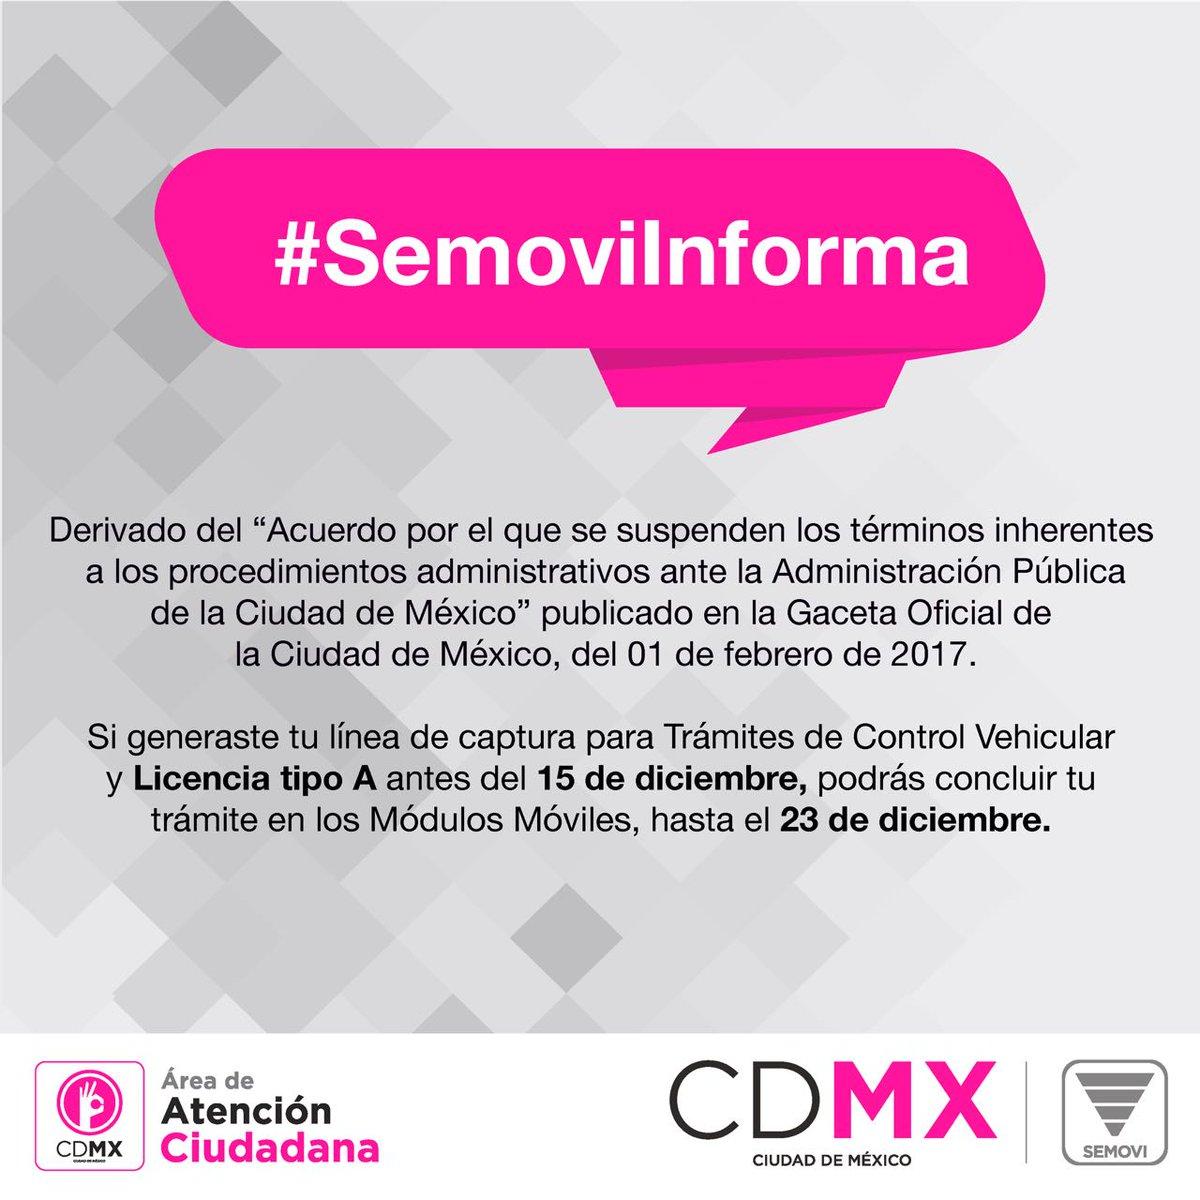 Secretaría De Movilidad Cdmx On Twitter Si Ya Realizaste